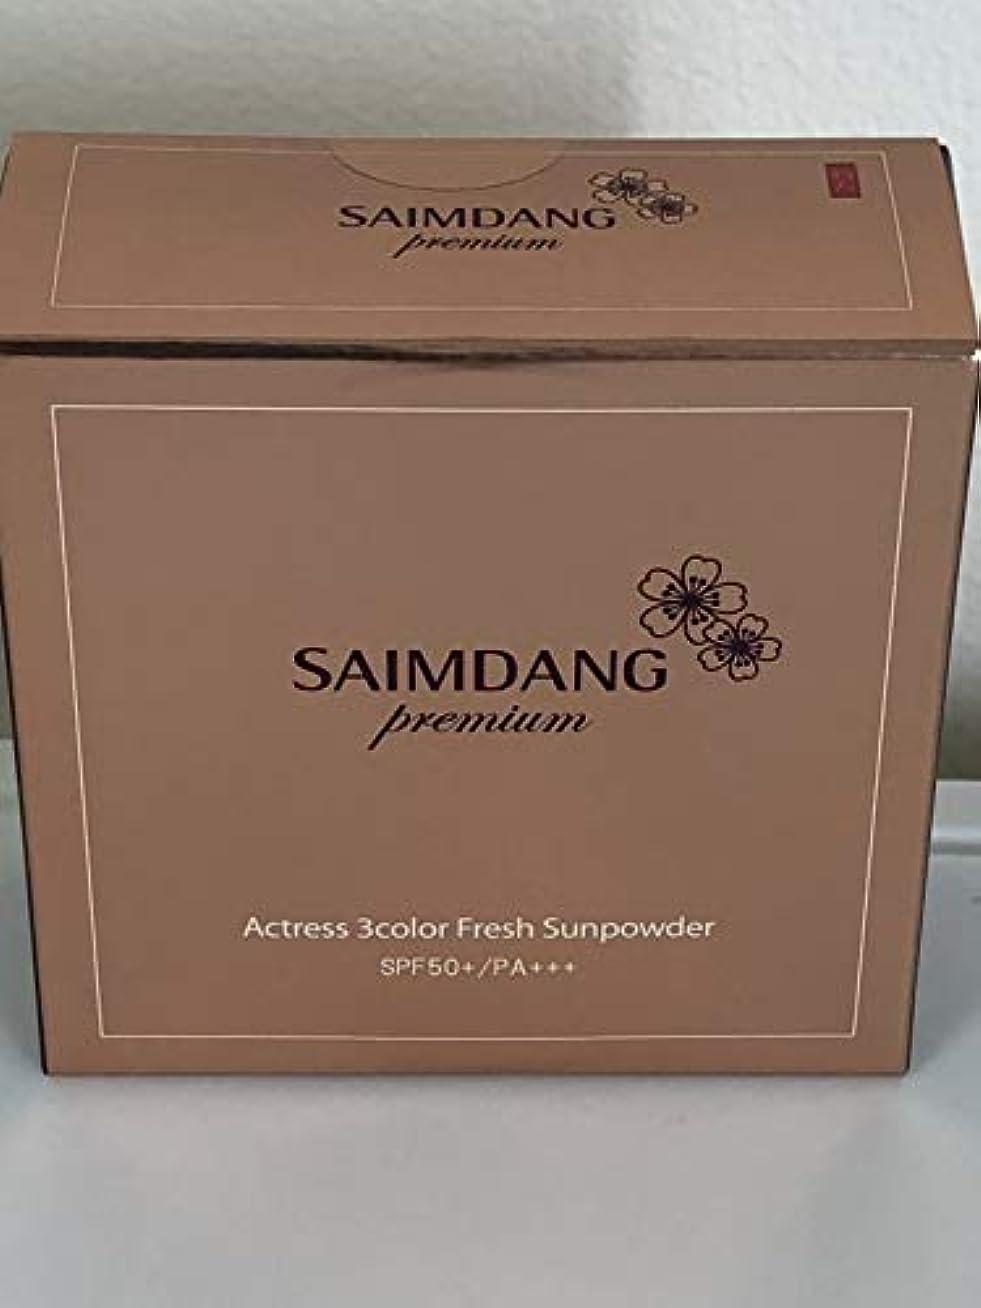 トンほとんどない扱うサイムダン プレミアム アクトレス 3カラー フレッシュ サンパウダー